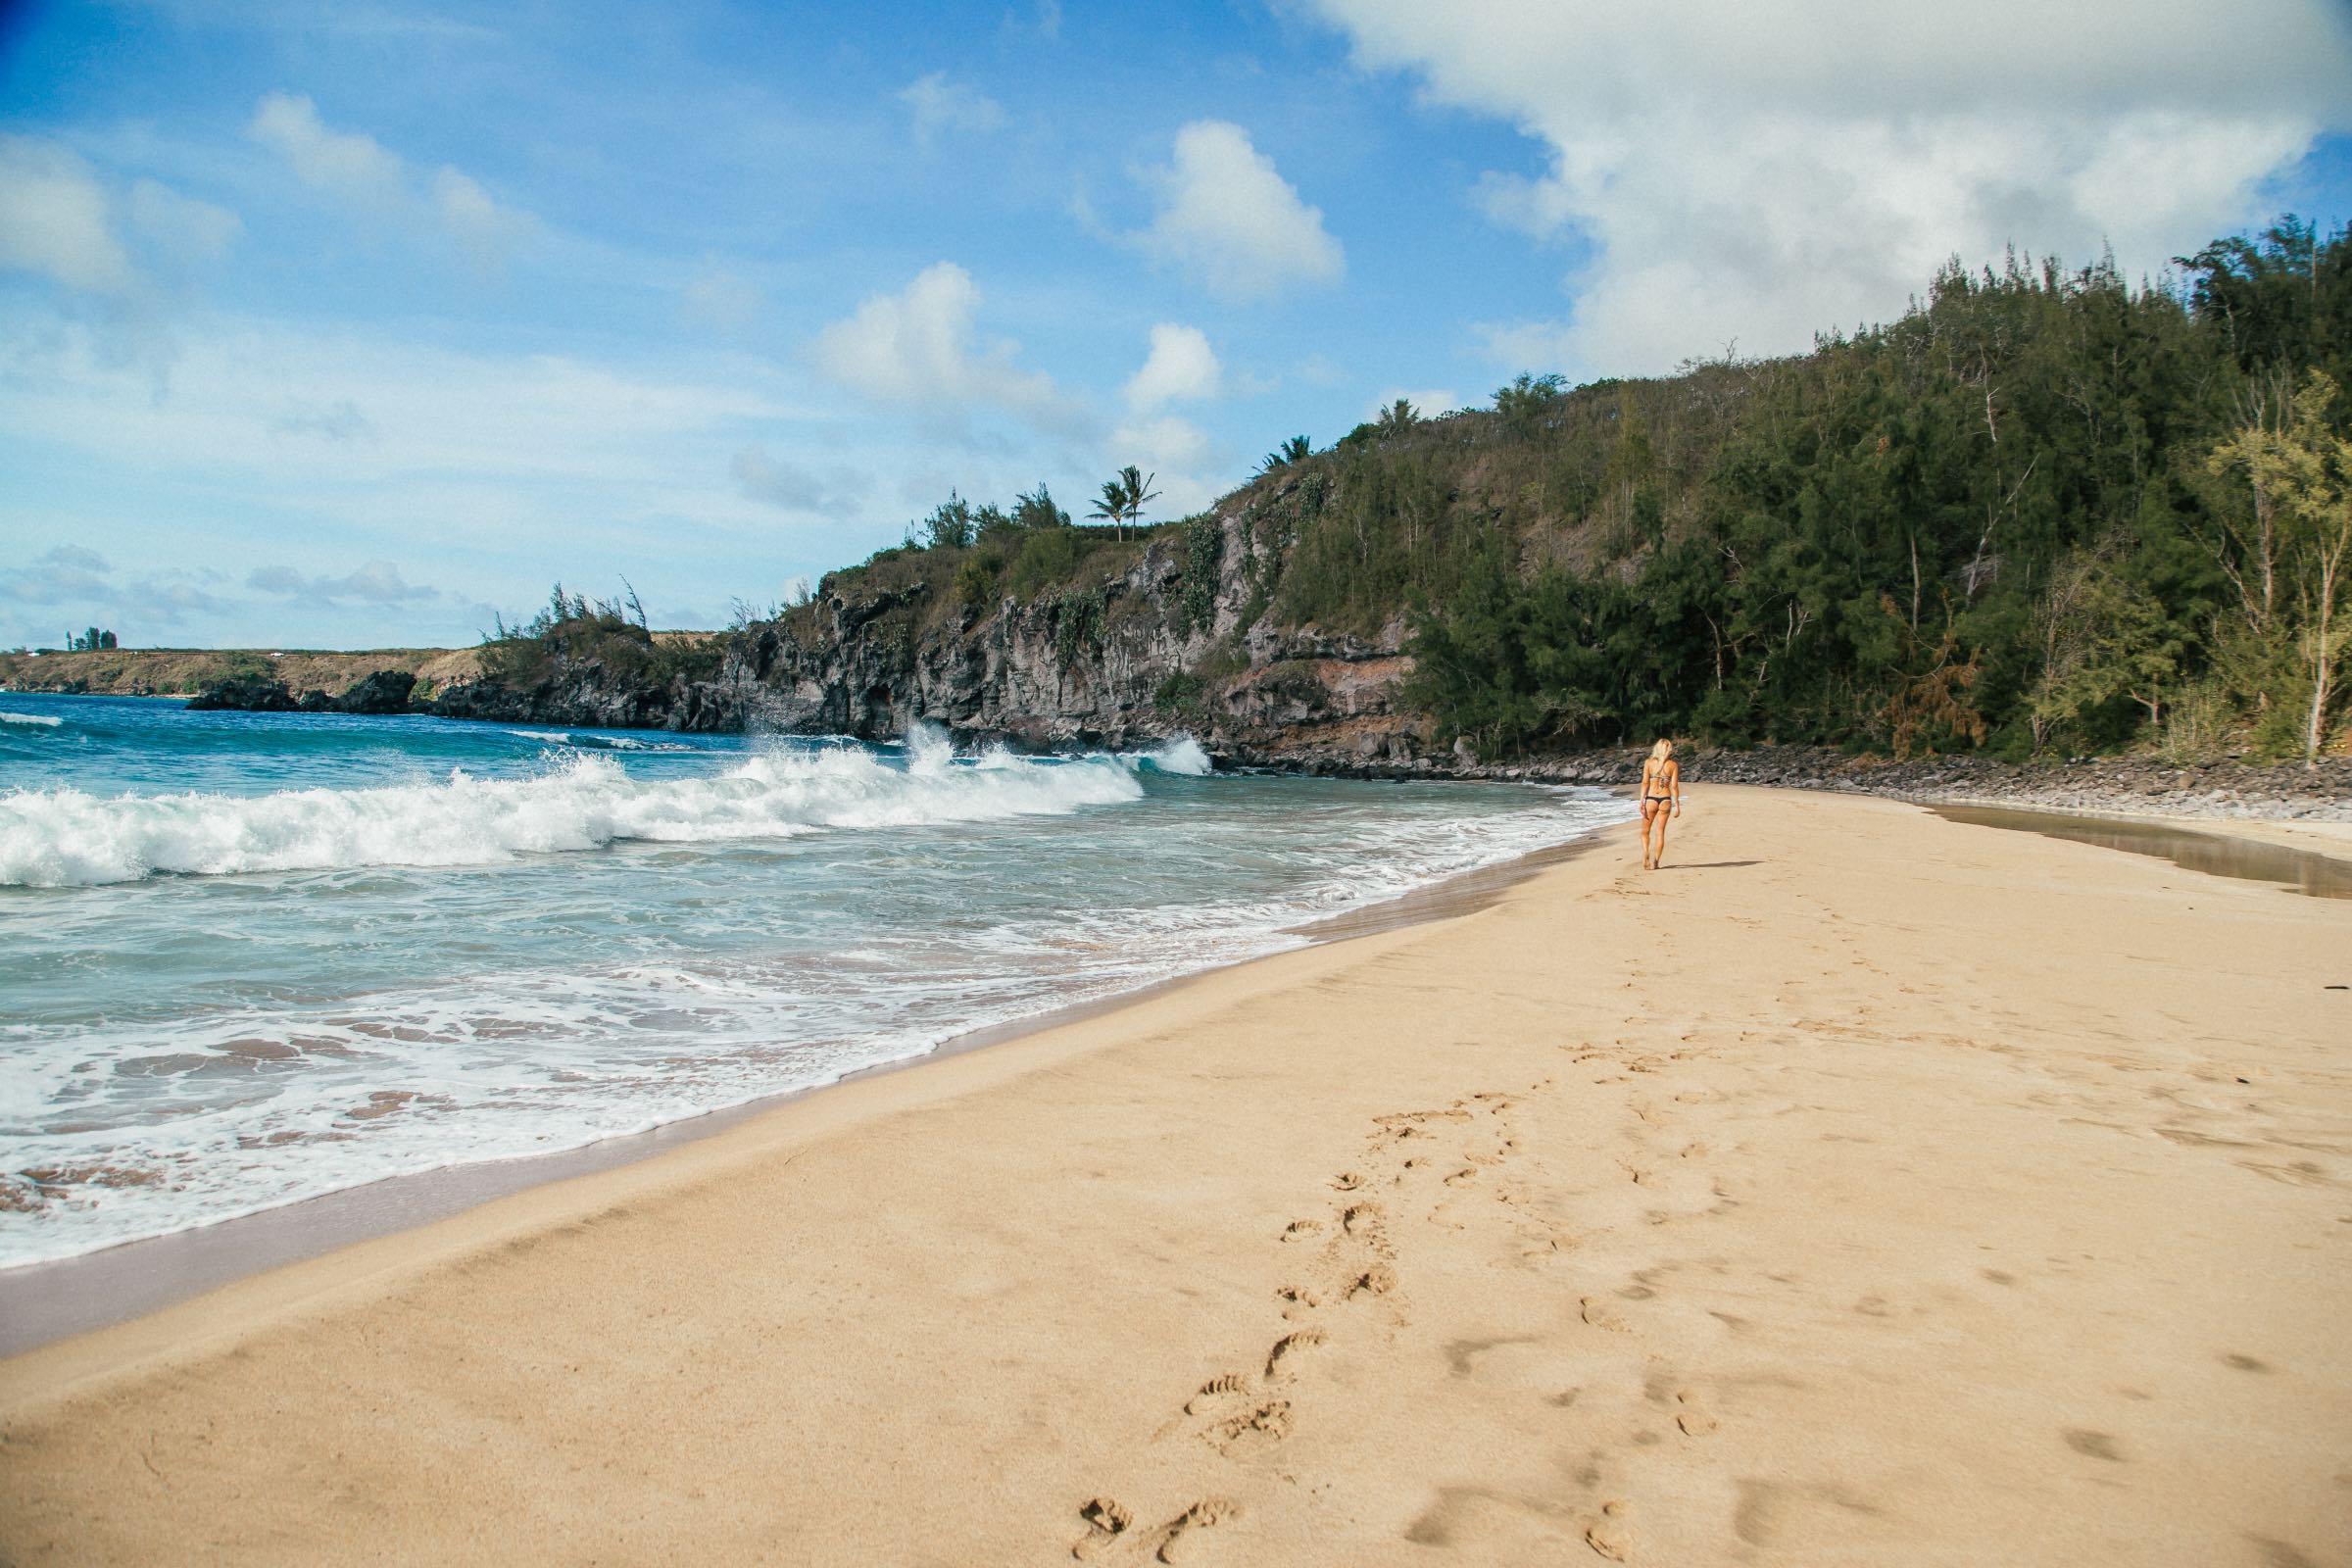 Maui Beach Guide